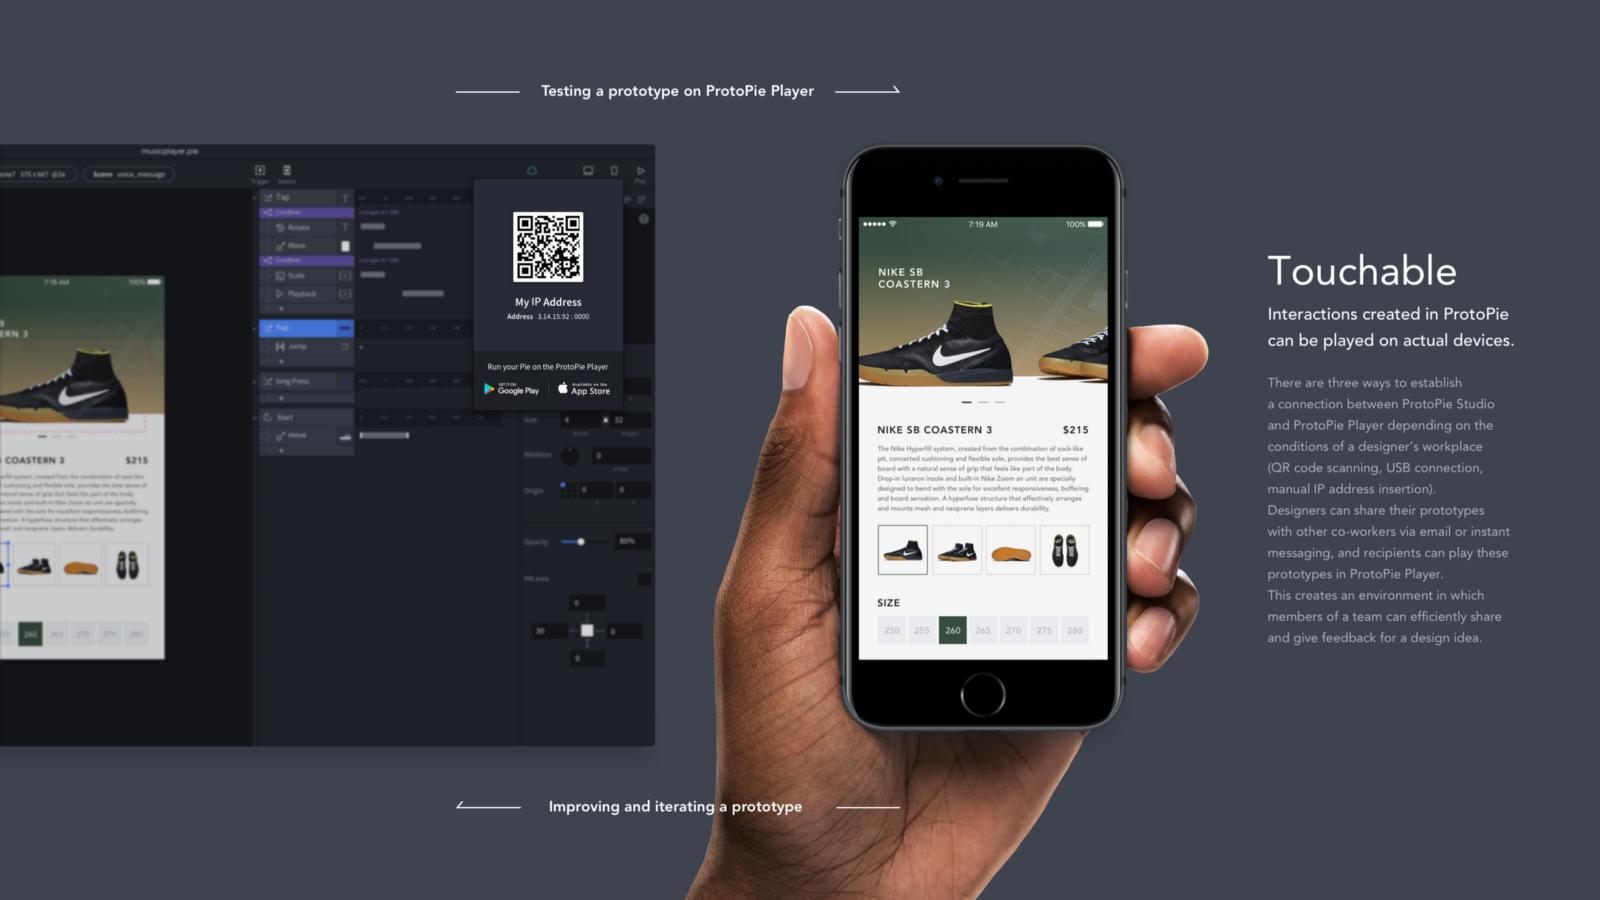 دليلك لفهم منصة ProtoPie لصناعة و تجسيد تصاميم الـ UI/UX بإحترافية